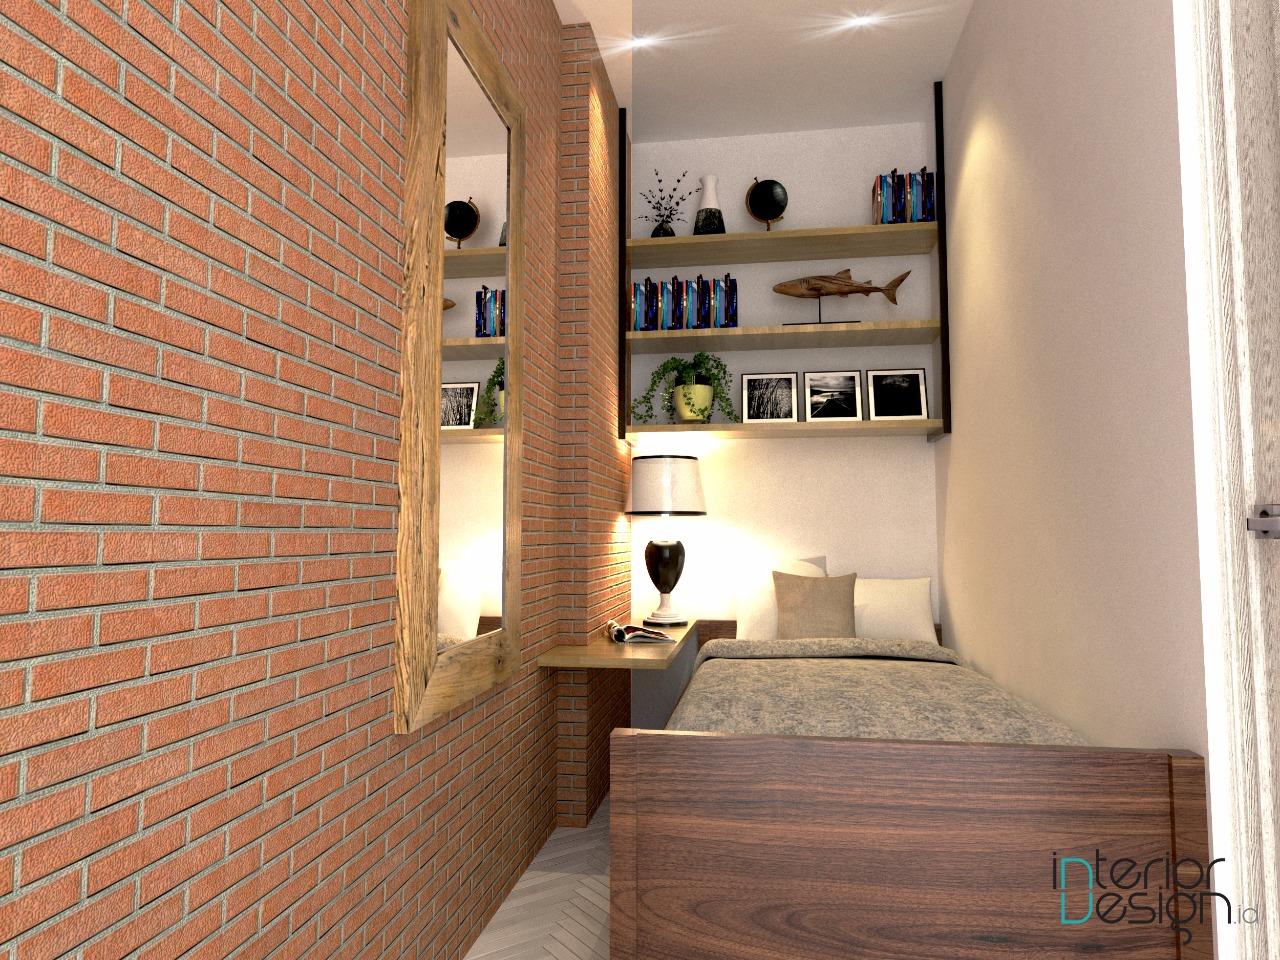 kamar minimalis dengan bata ekspos pada salah satu bagian dindingnya